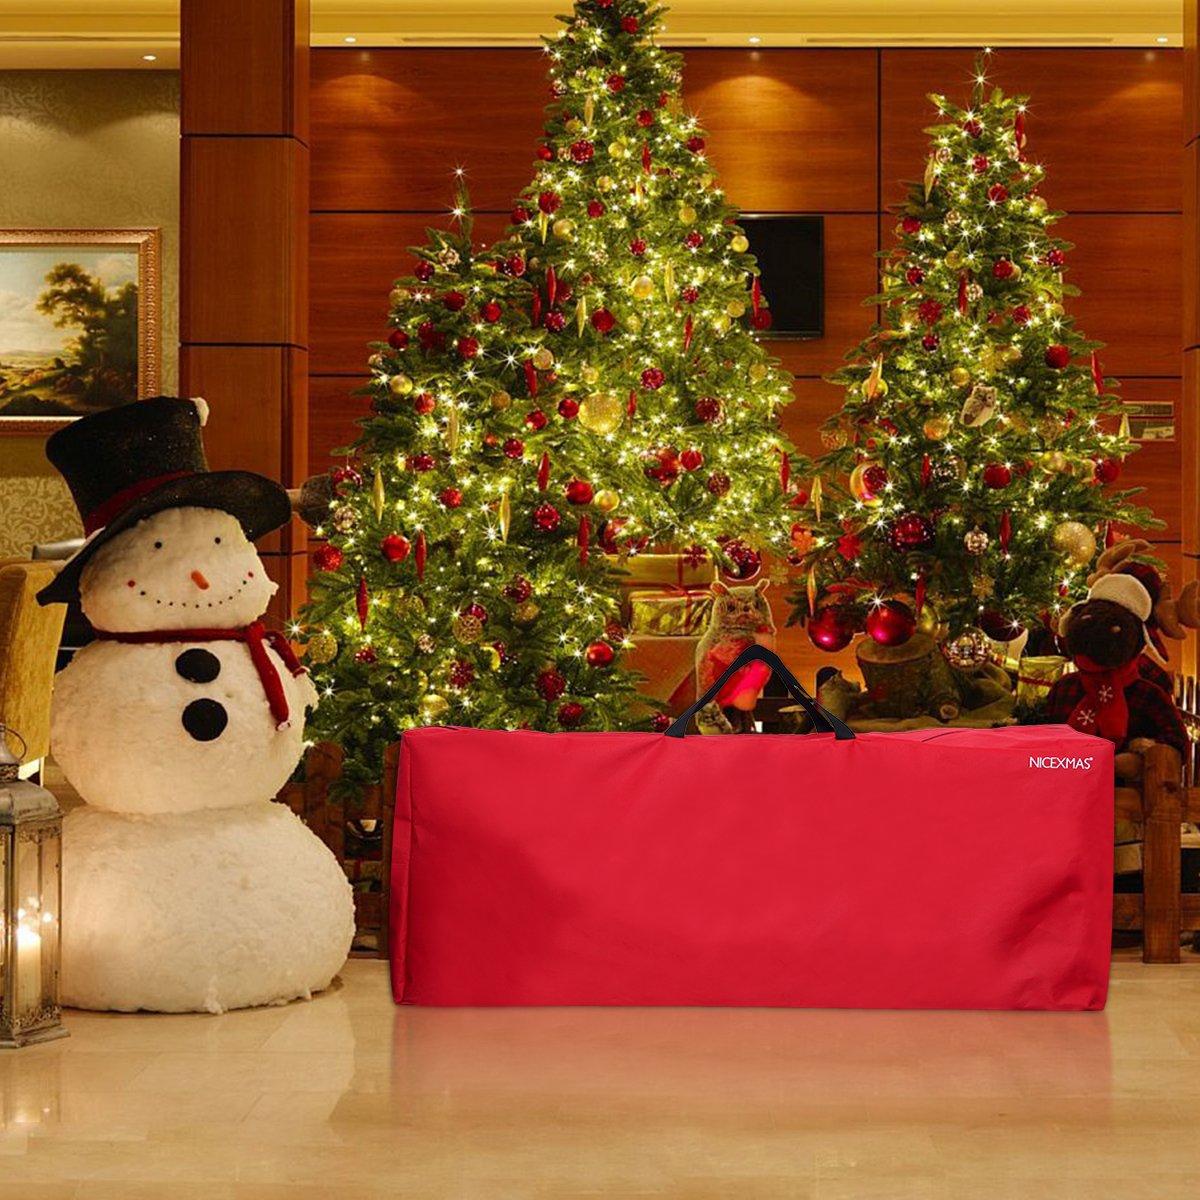 Amazon.com: NICEXMAS Holiday Christmas Tree Storage Bag for ...